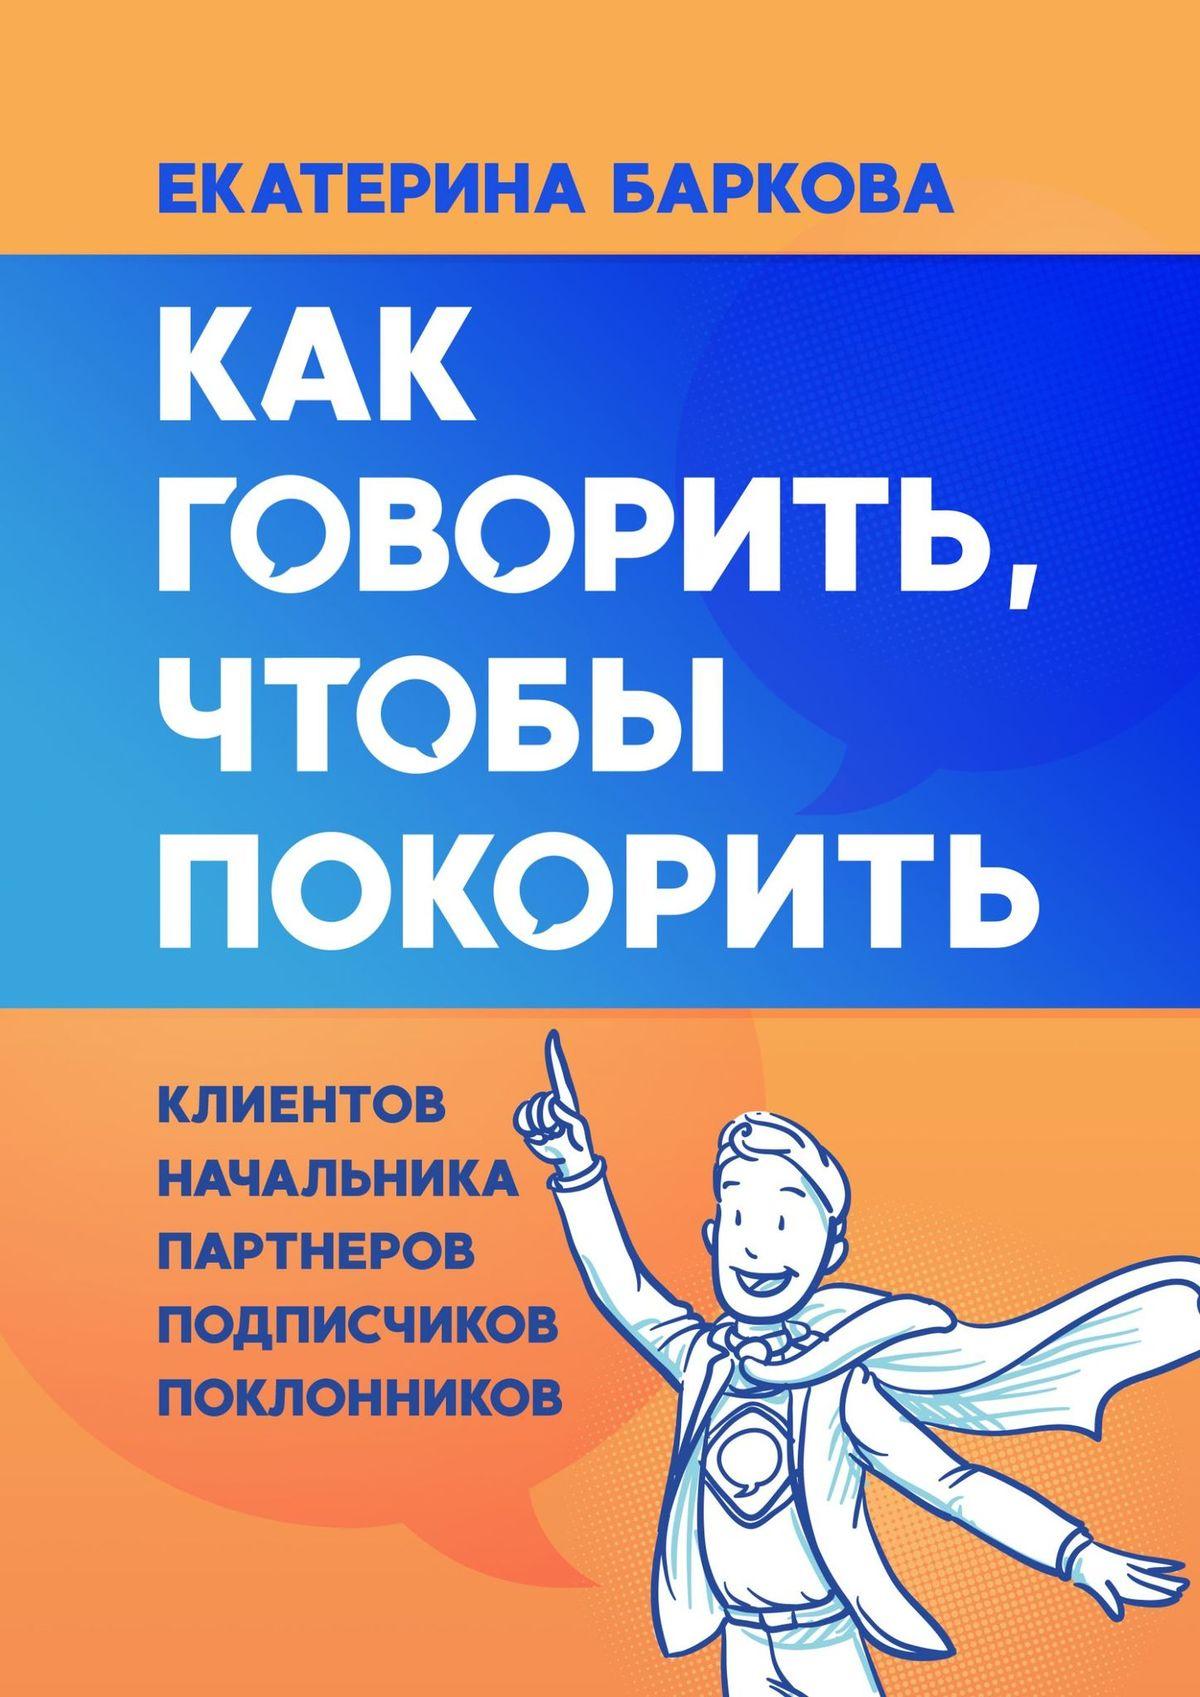 Екатерина БАРКОВА «Как говорить, чтобы покорить. клиентов, партнеров, начальника, подписчиков, поклонников»